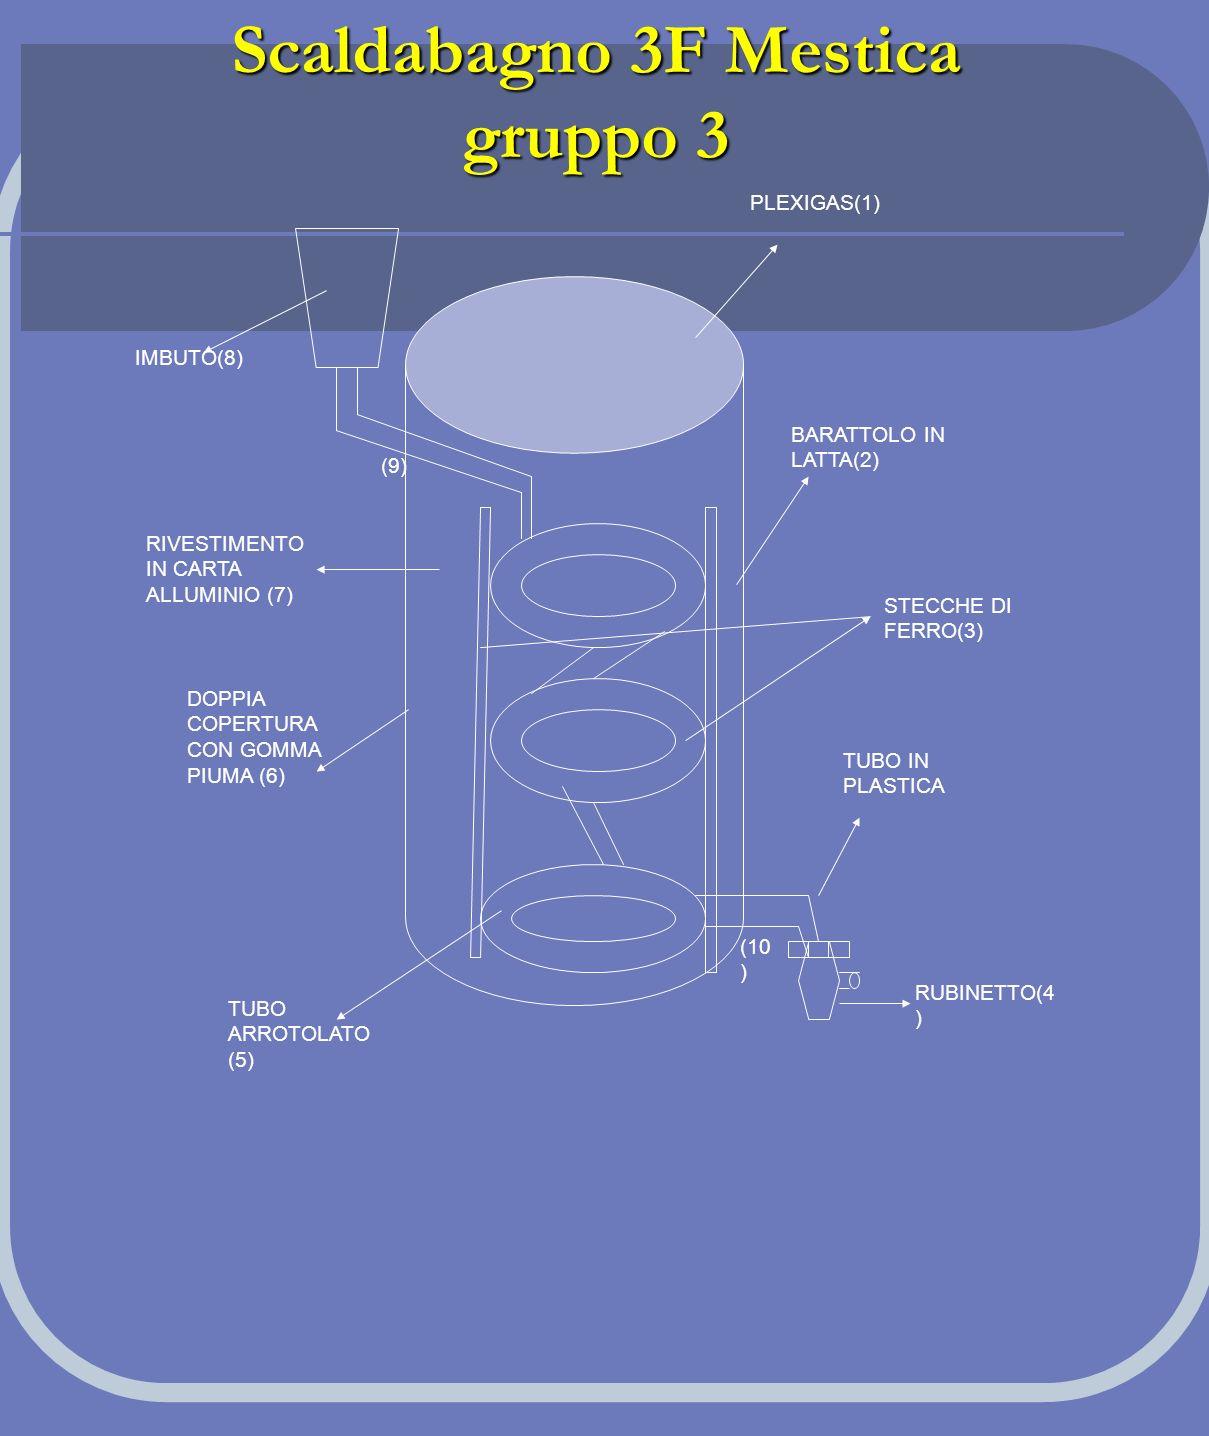 Scaldabagno 3F Mestica gruppo 3